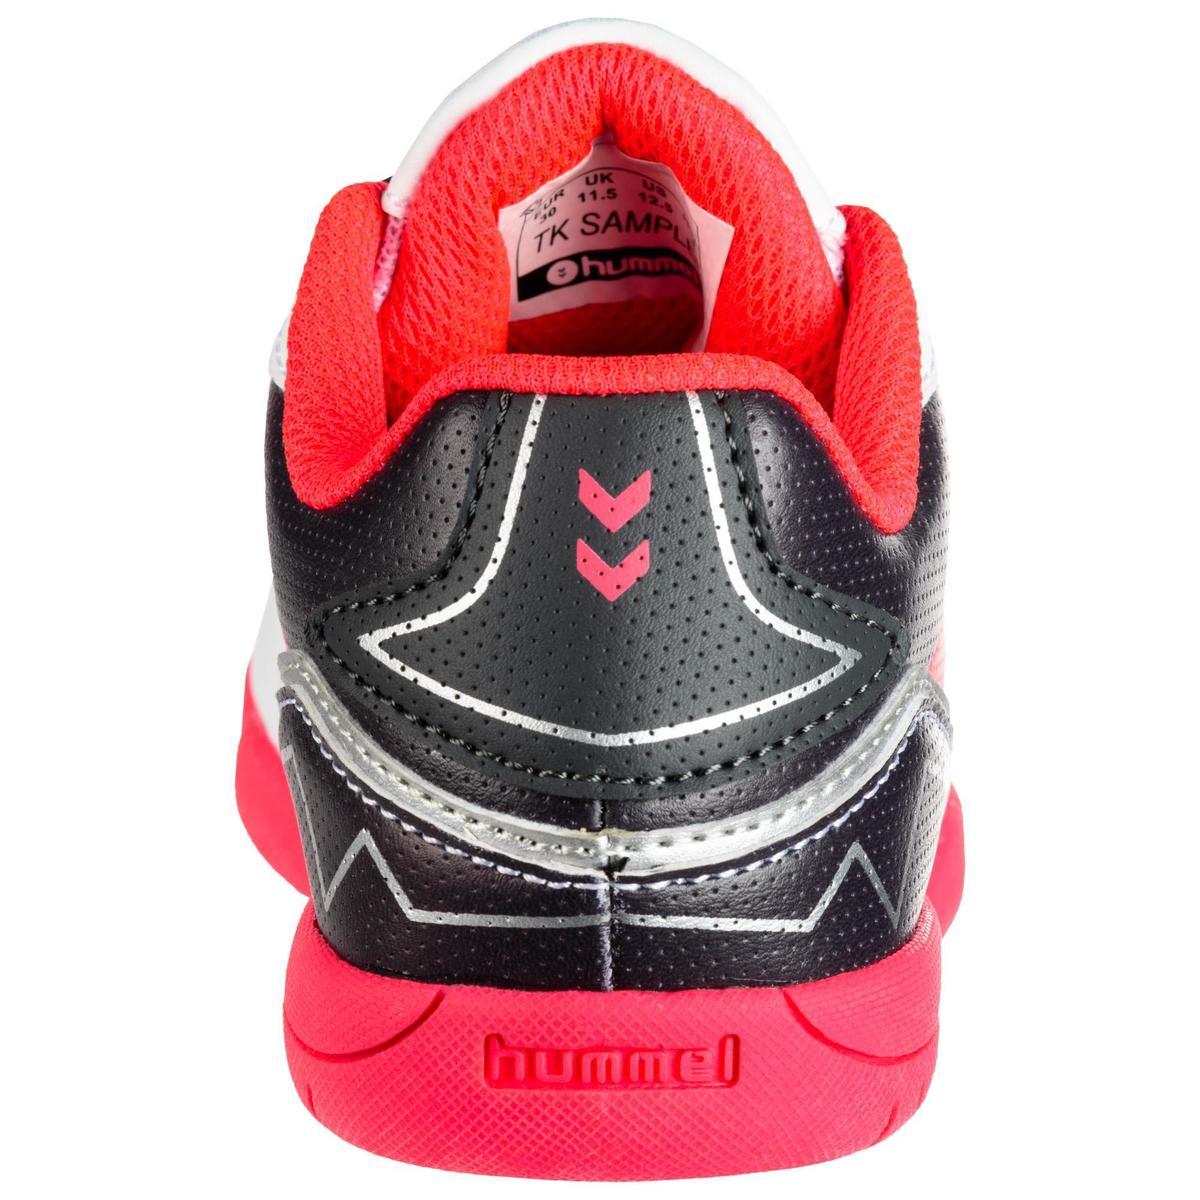 Bild 3 von Handballschuhe Aerotech Kinder grau/rosa/weiß